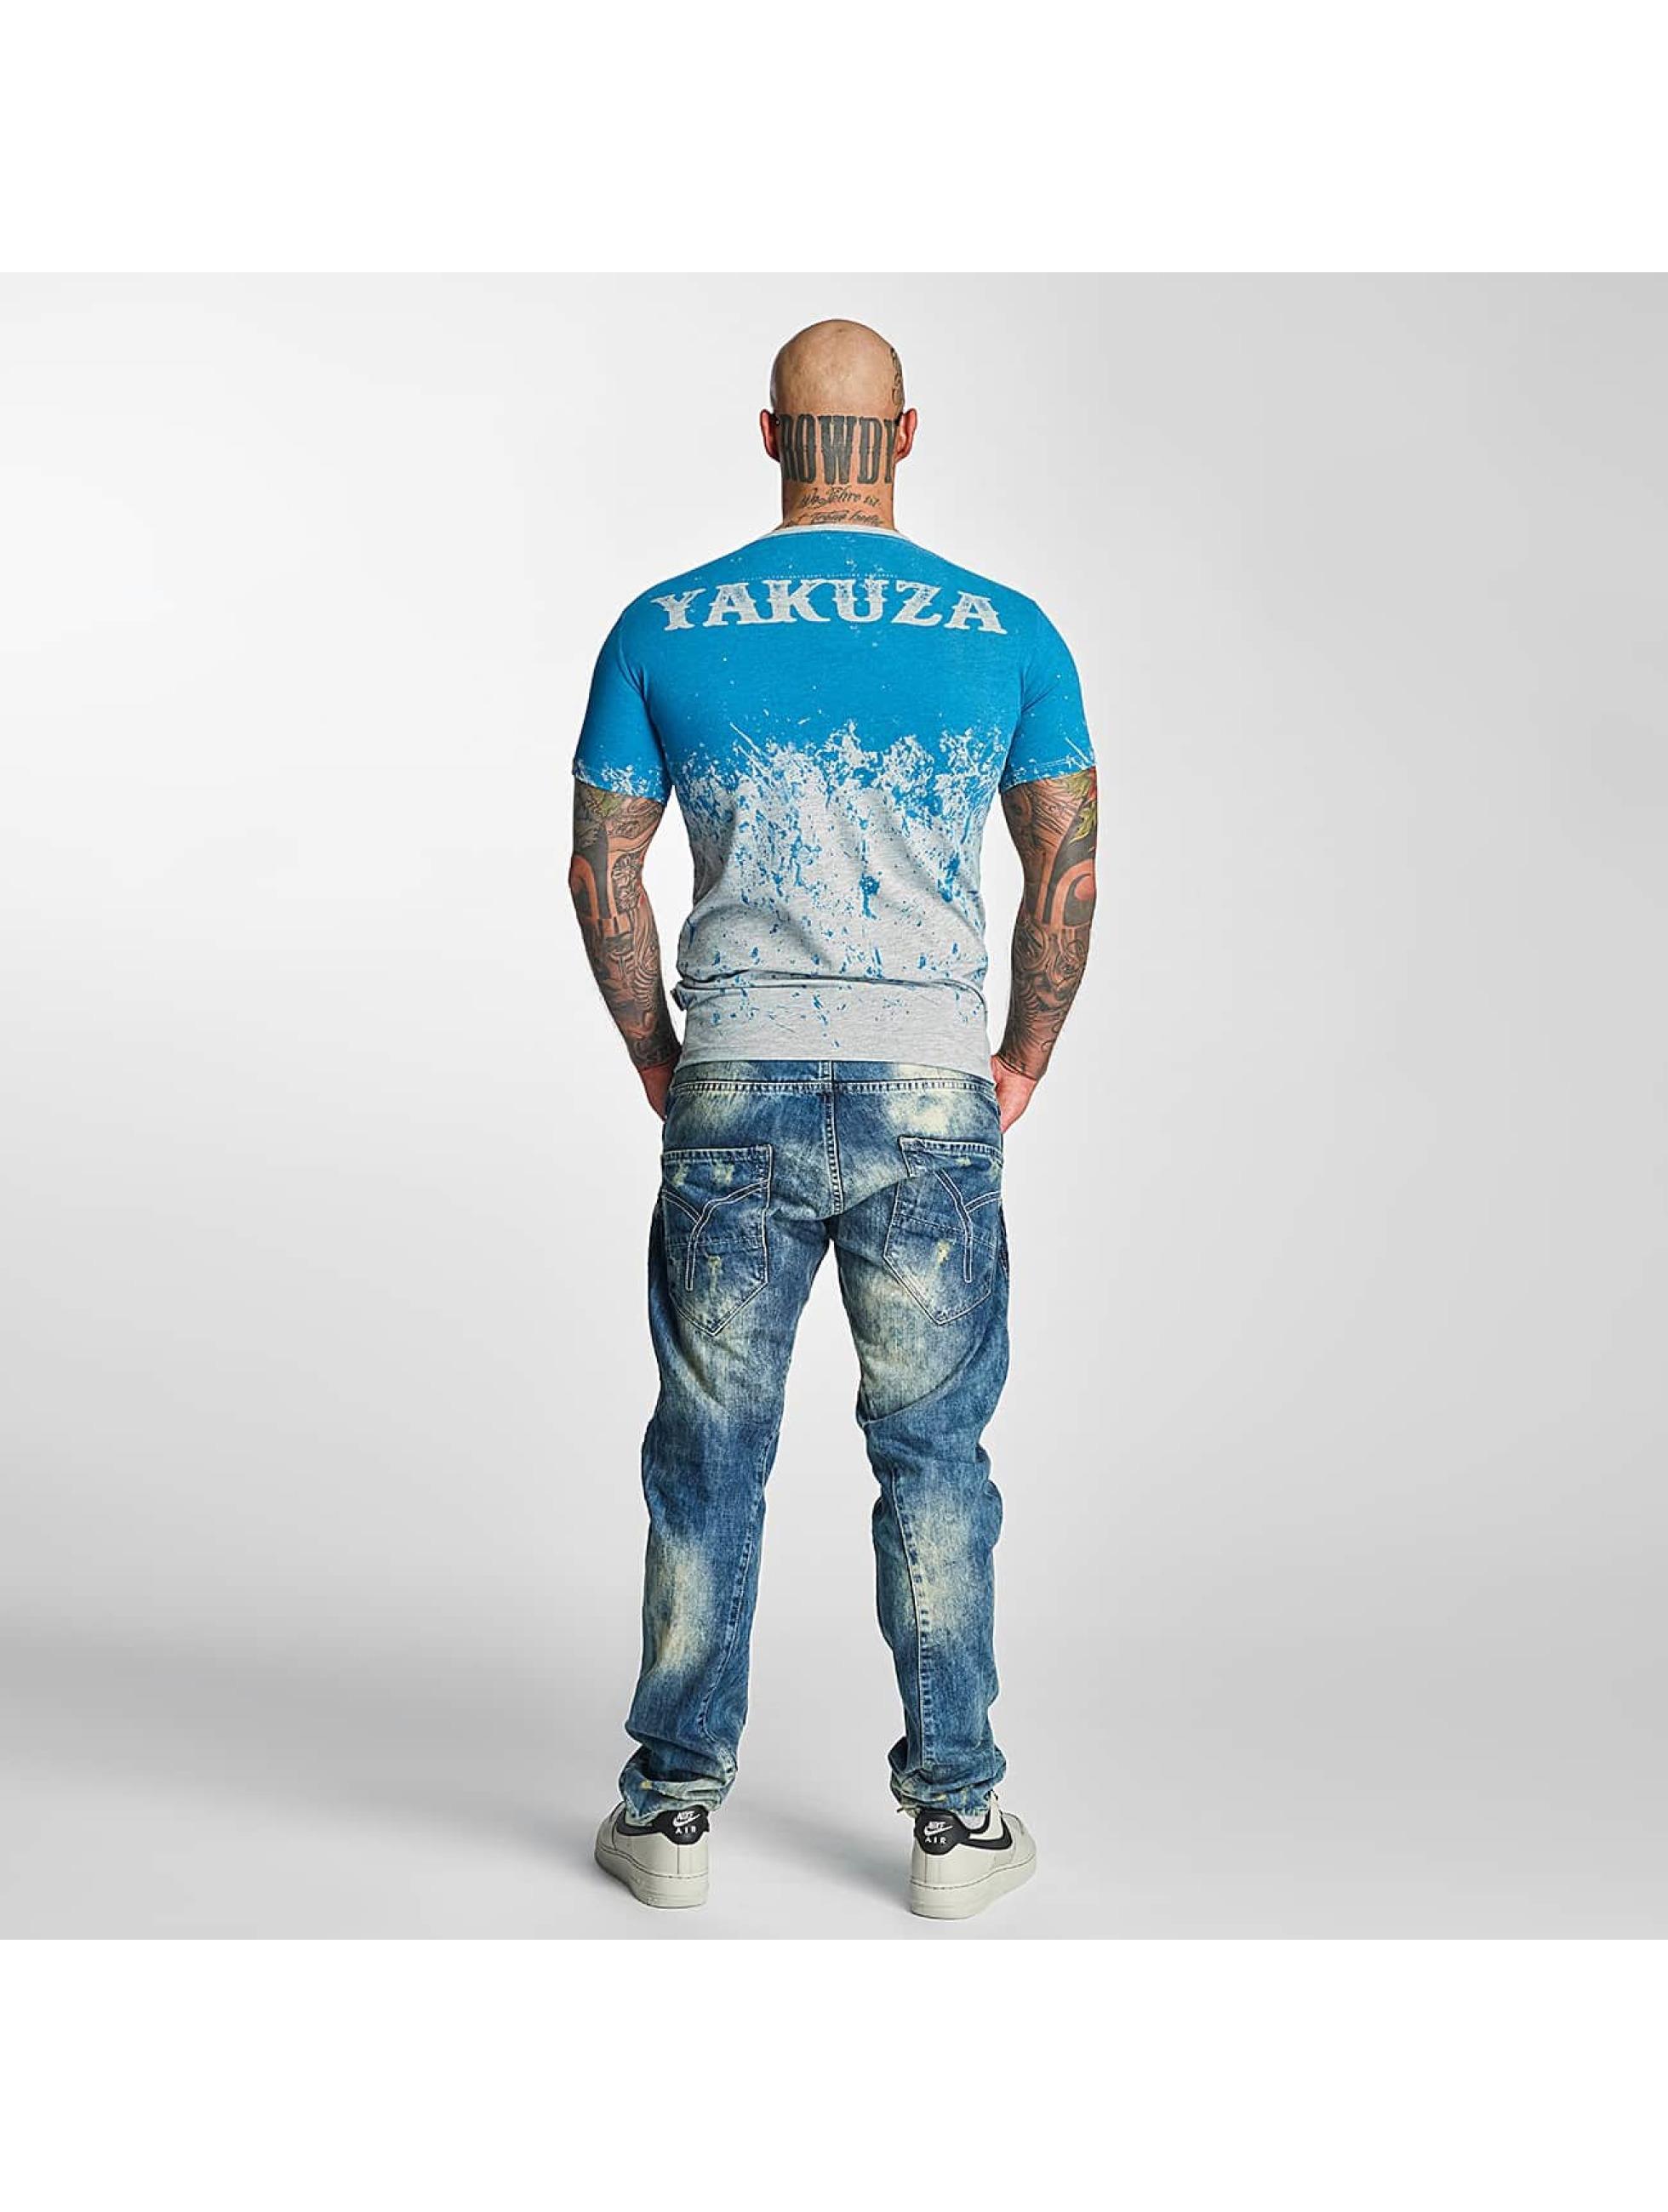 Yakuza T-Shirt Splatter grau